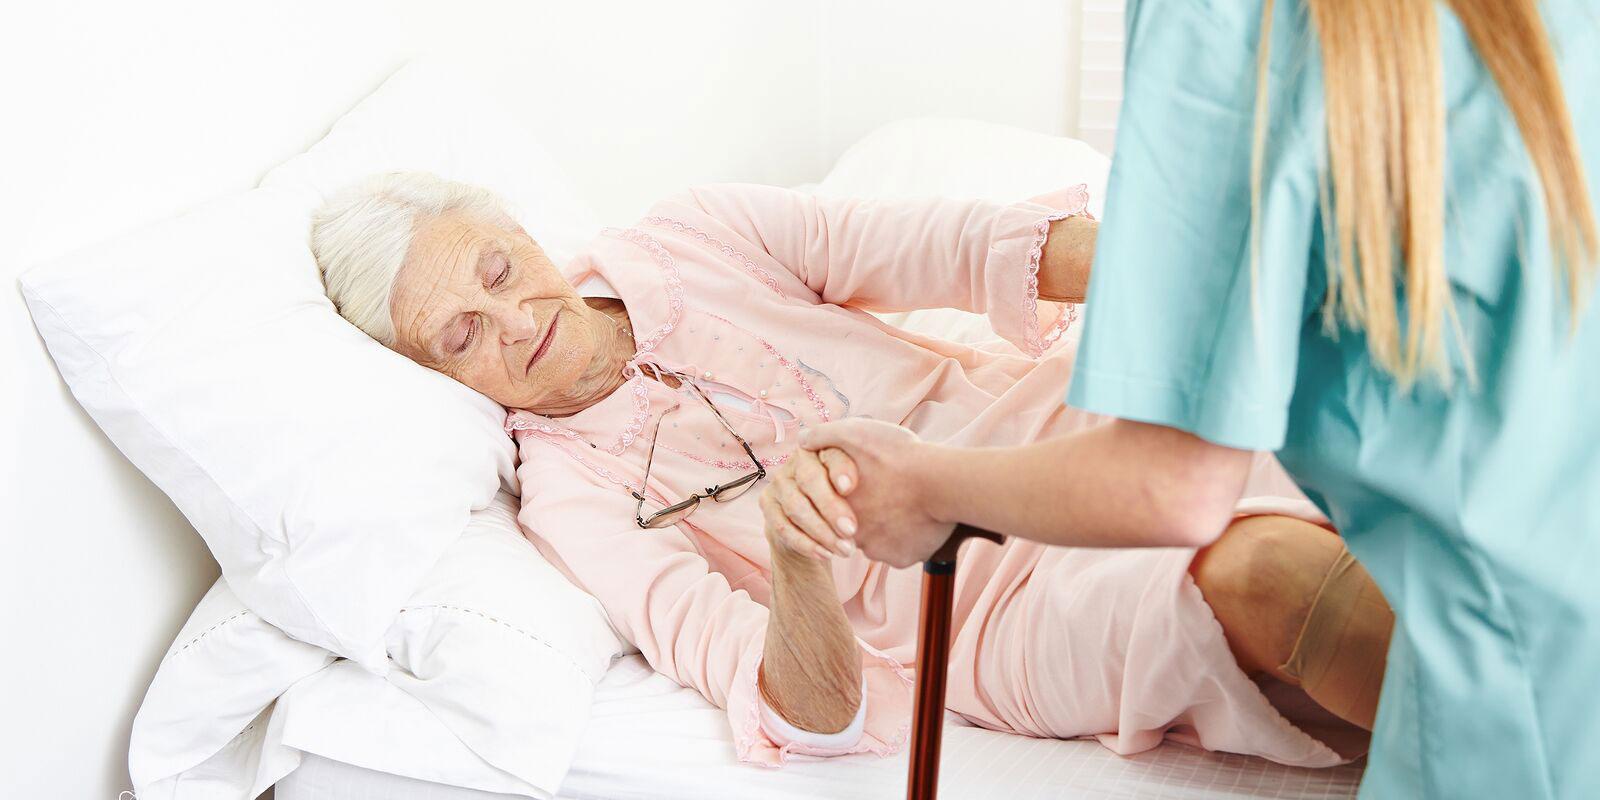 Elderly patient in a nursing home in Atlanta.